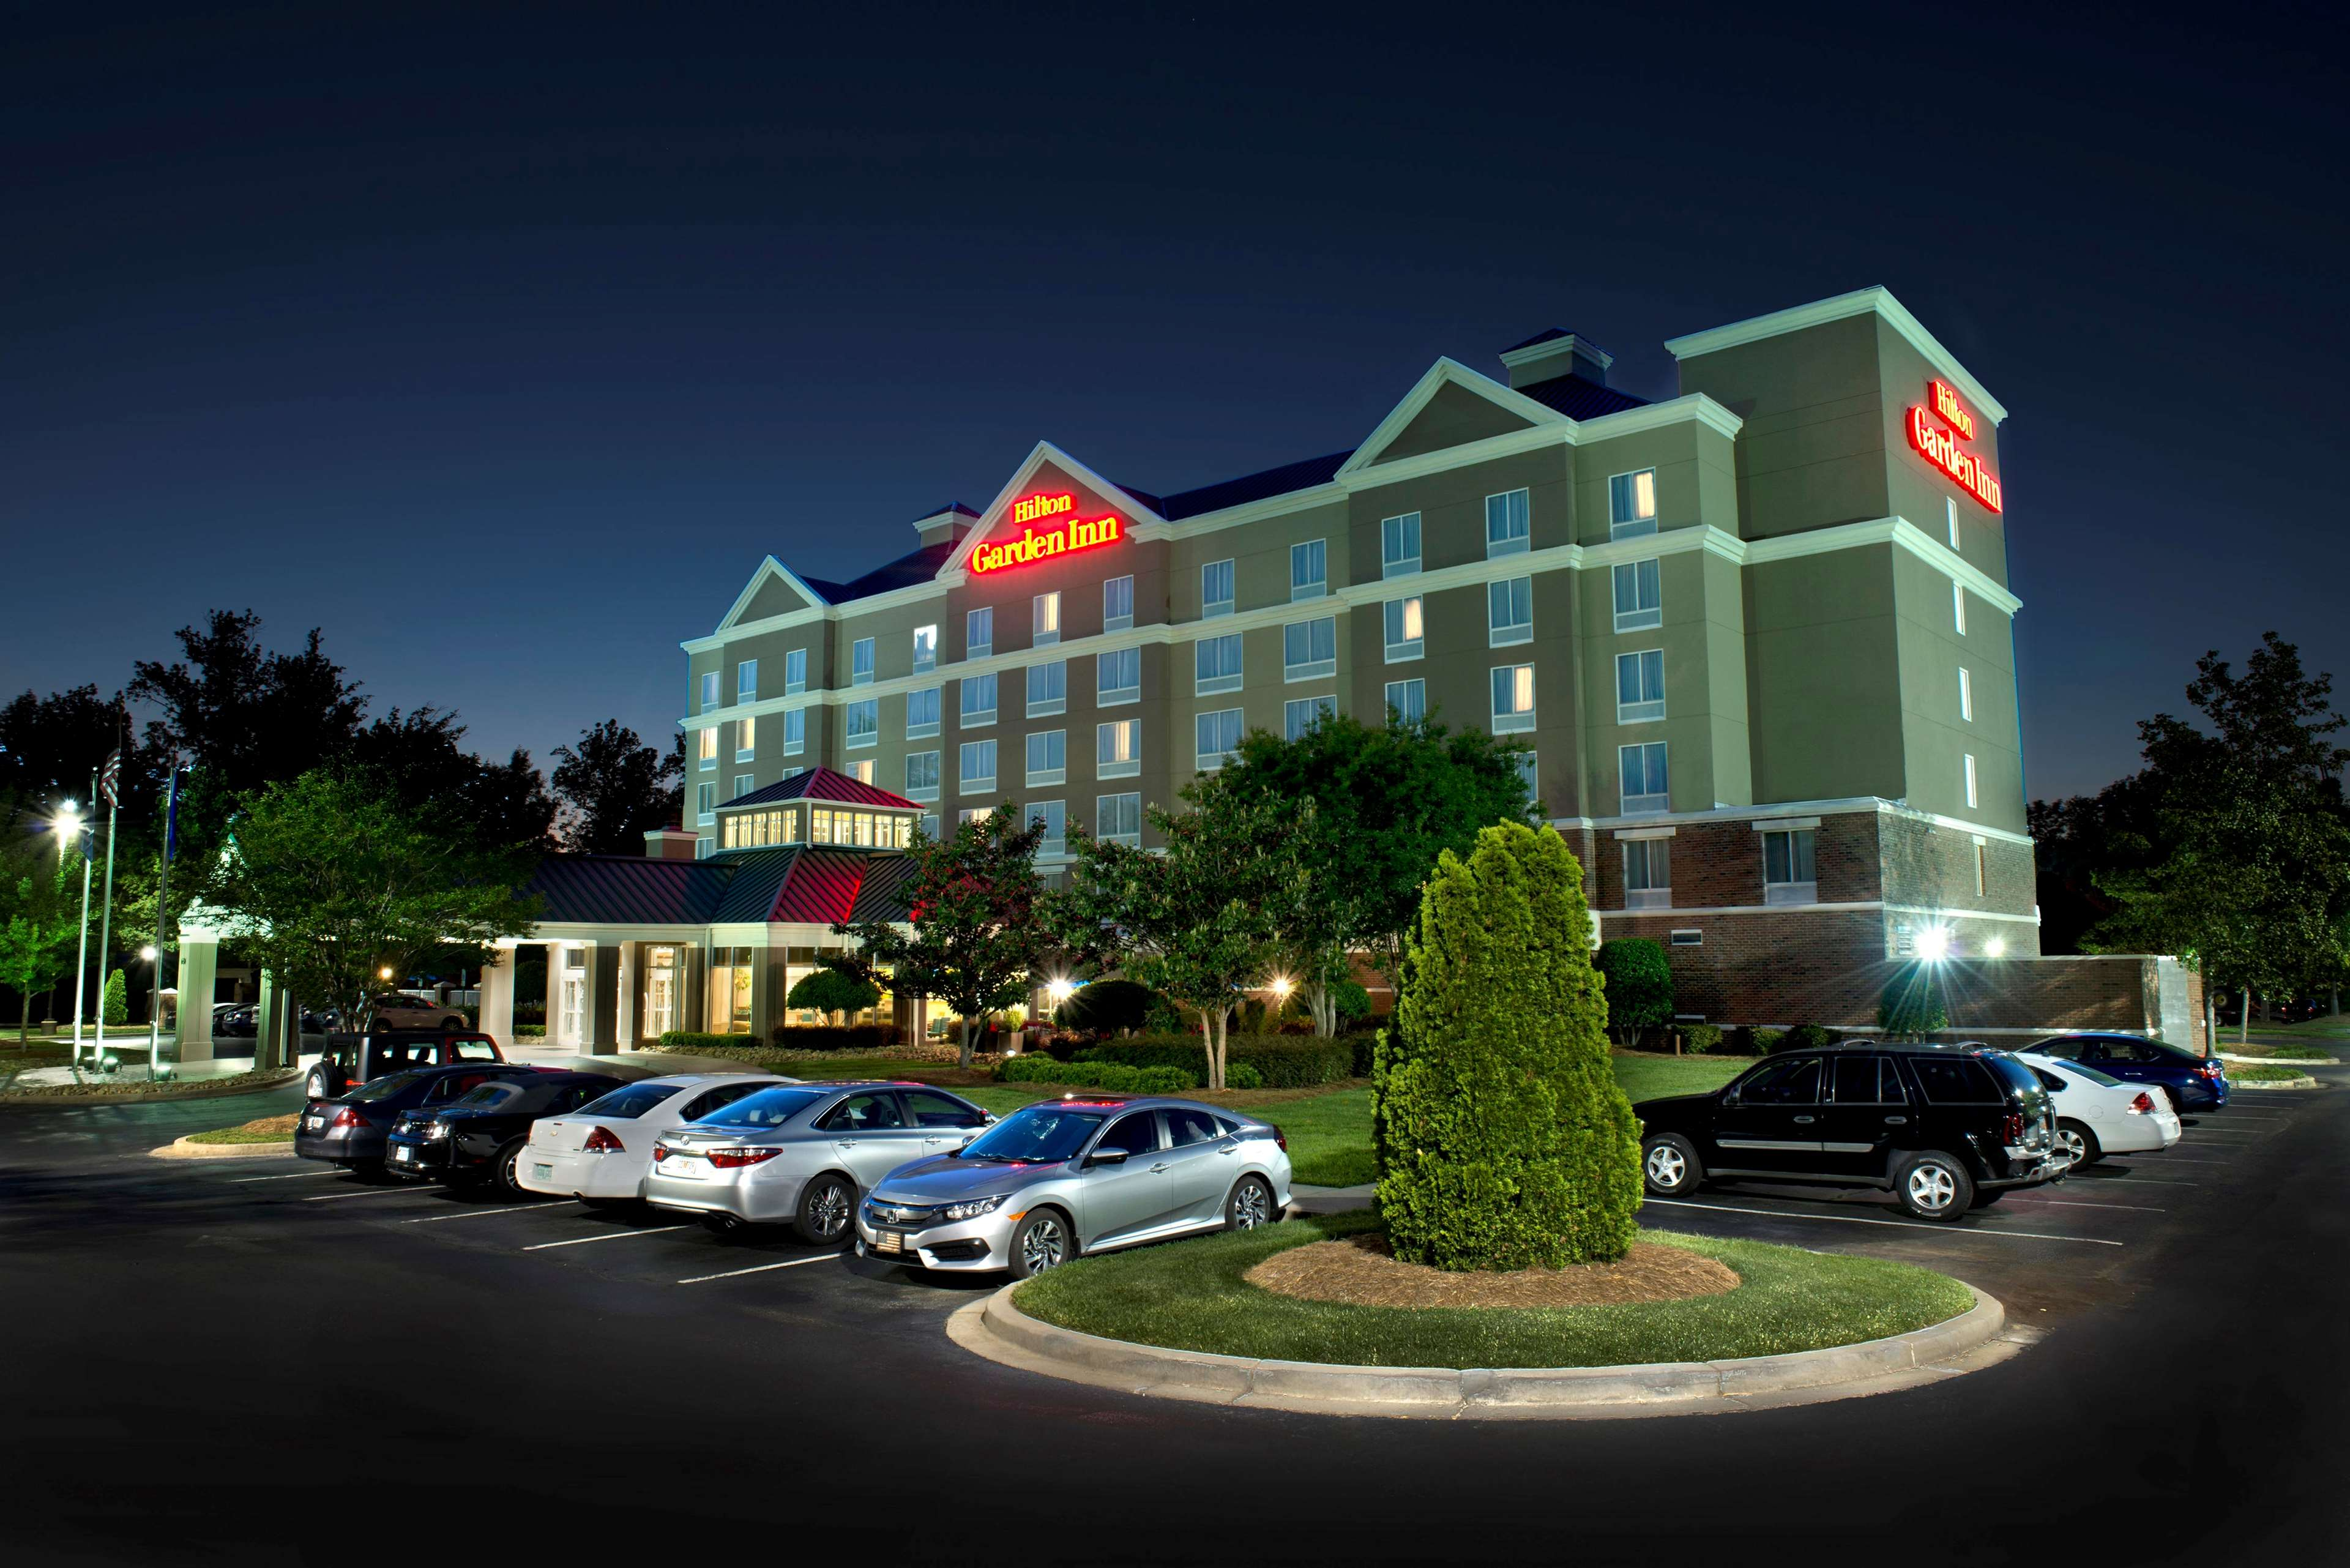 Hilton Garden Inn Rock Hill In Rock Hill Sc 29730